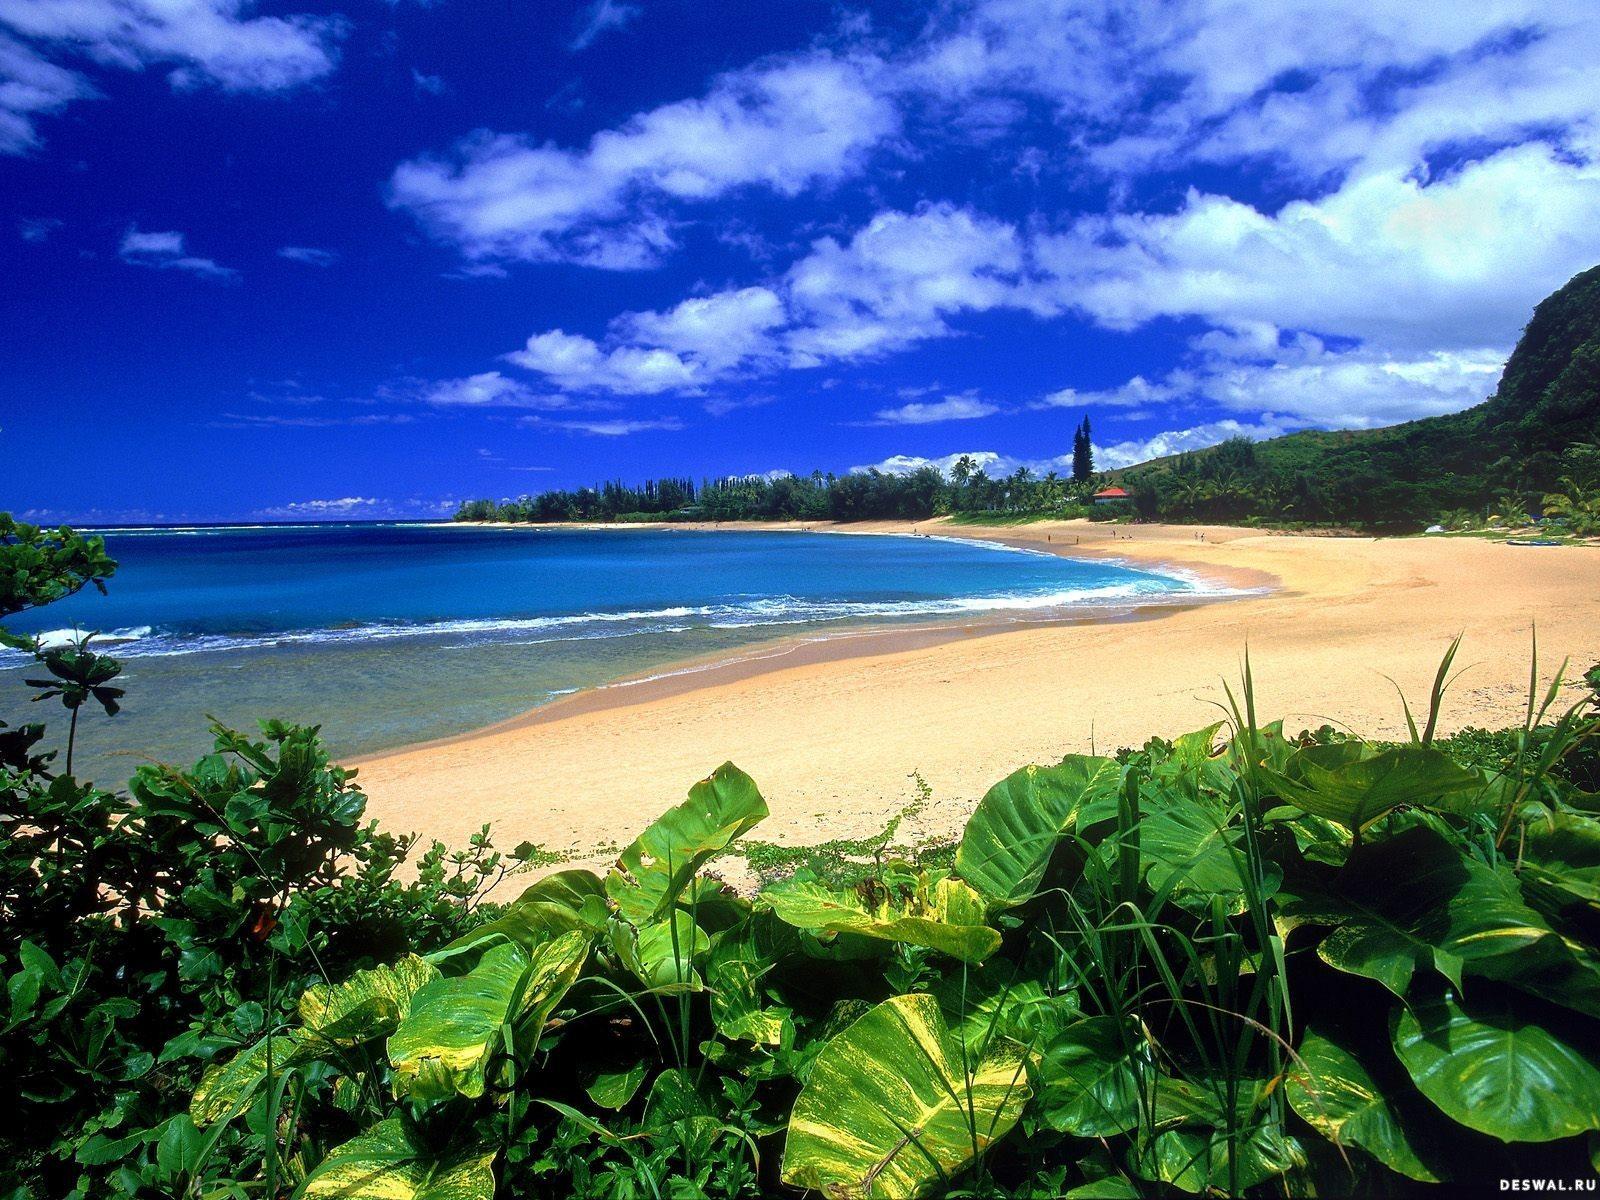 Фото 32.. Нажмите на картинку с обоями природы - пляж, чтобы просмотреть ее в реальном размере